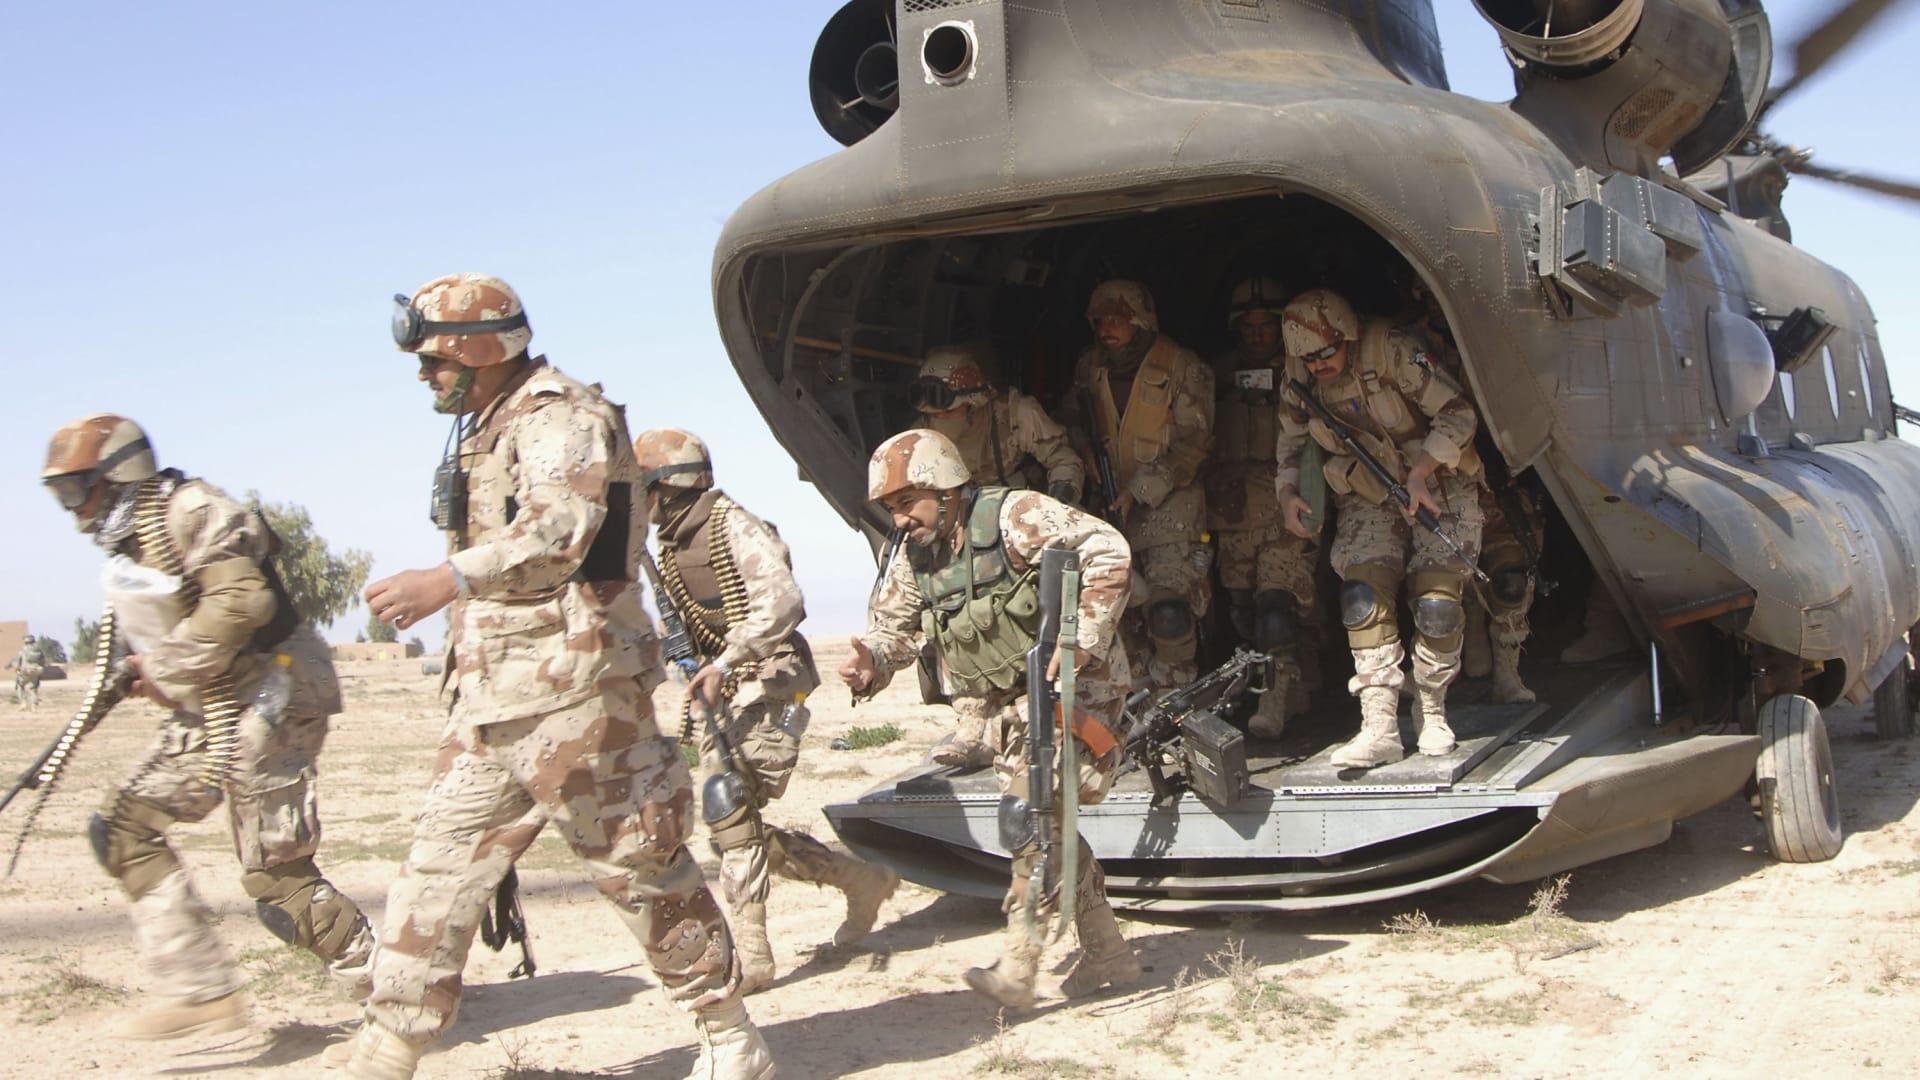 """بالفيديو.. الدفاع العراقي: مقتل العشرات من مقاتلي """"داعش"""" إثر غارة على قافلة من 500 مركبة تفر من الفلوجة"""